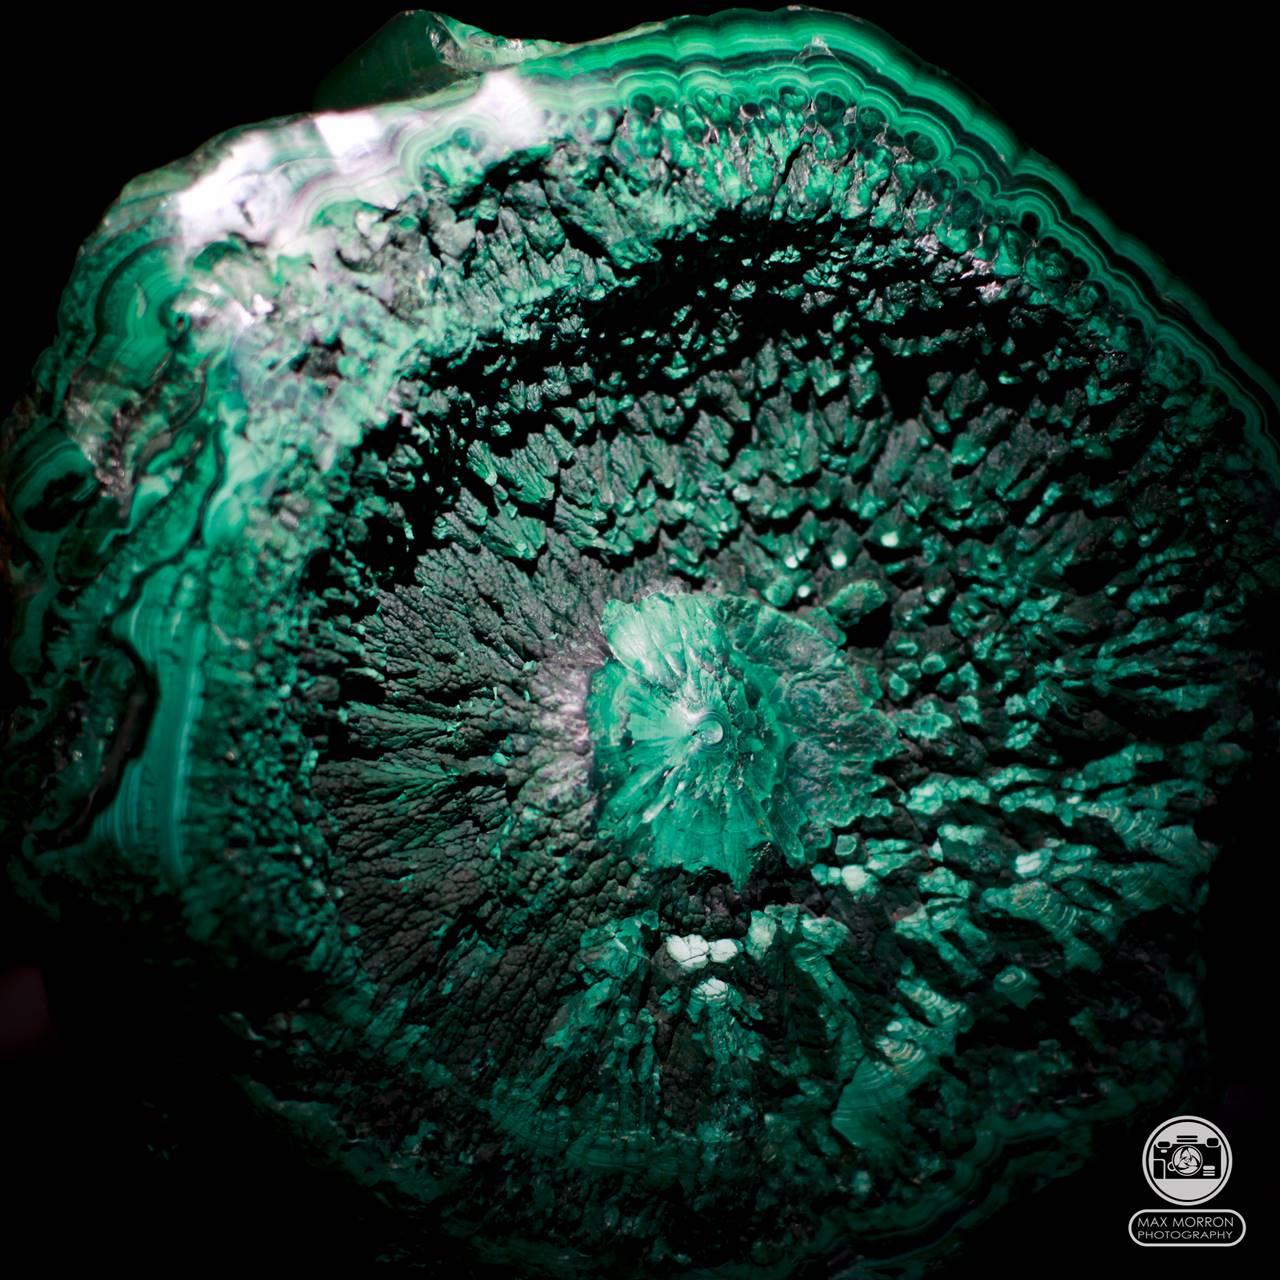 מושבה של מלאכיט בתצורה עגולה מיוחדת. צילום: מקס קובלסקי Photo by Max Kovalski www.maxkov.com